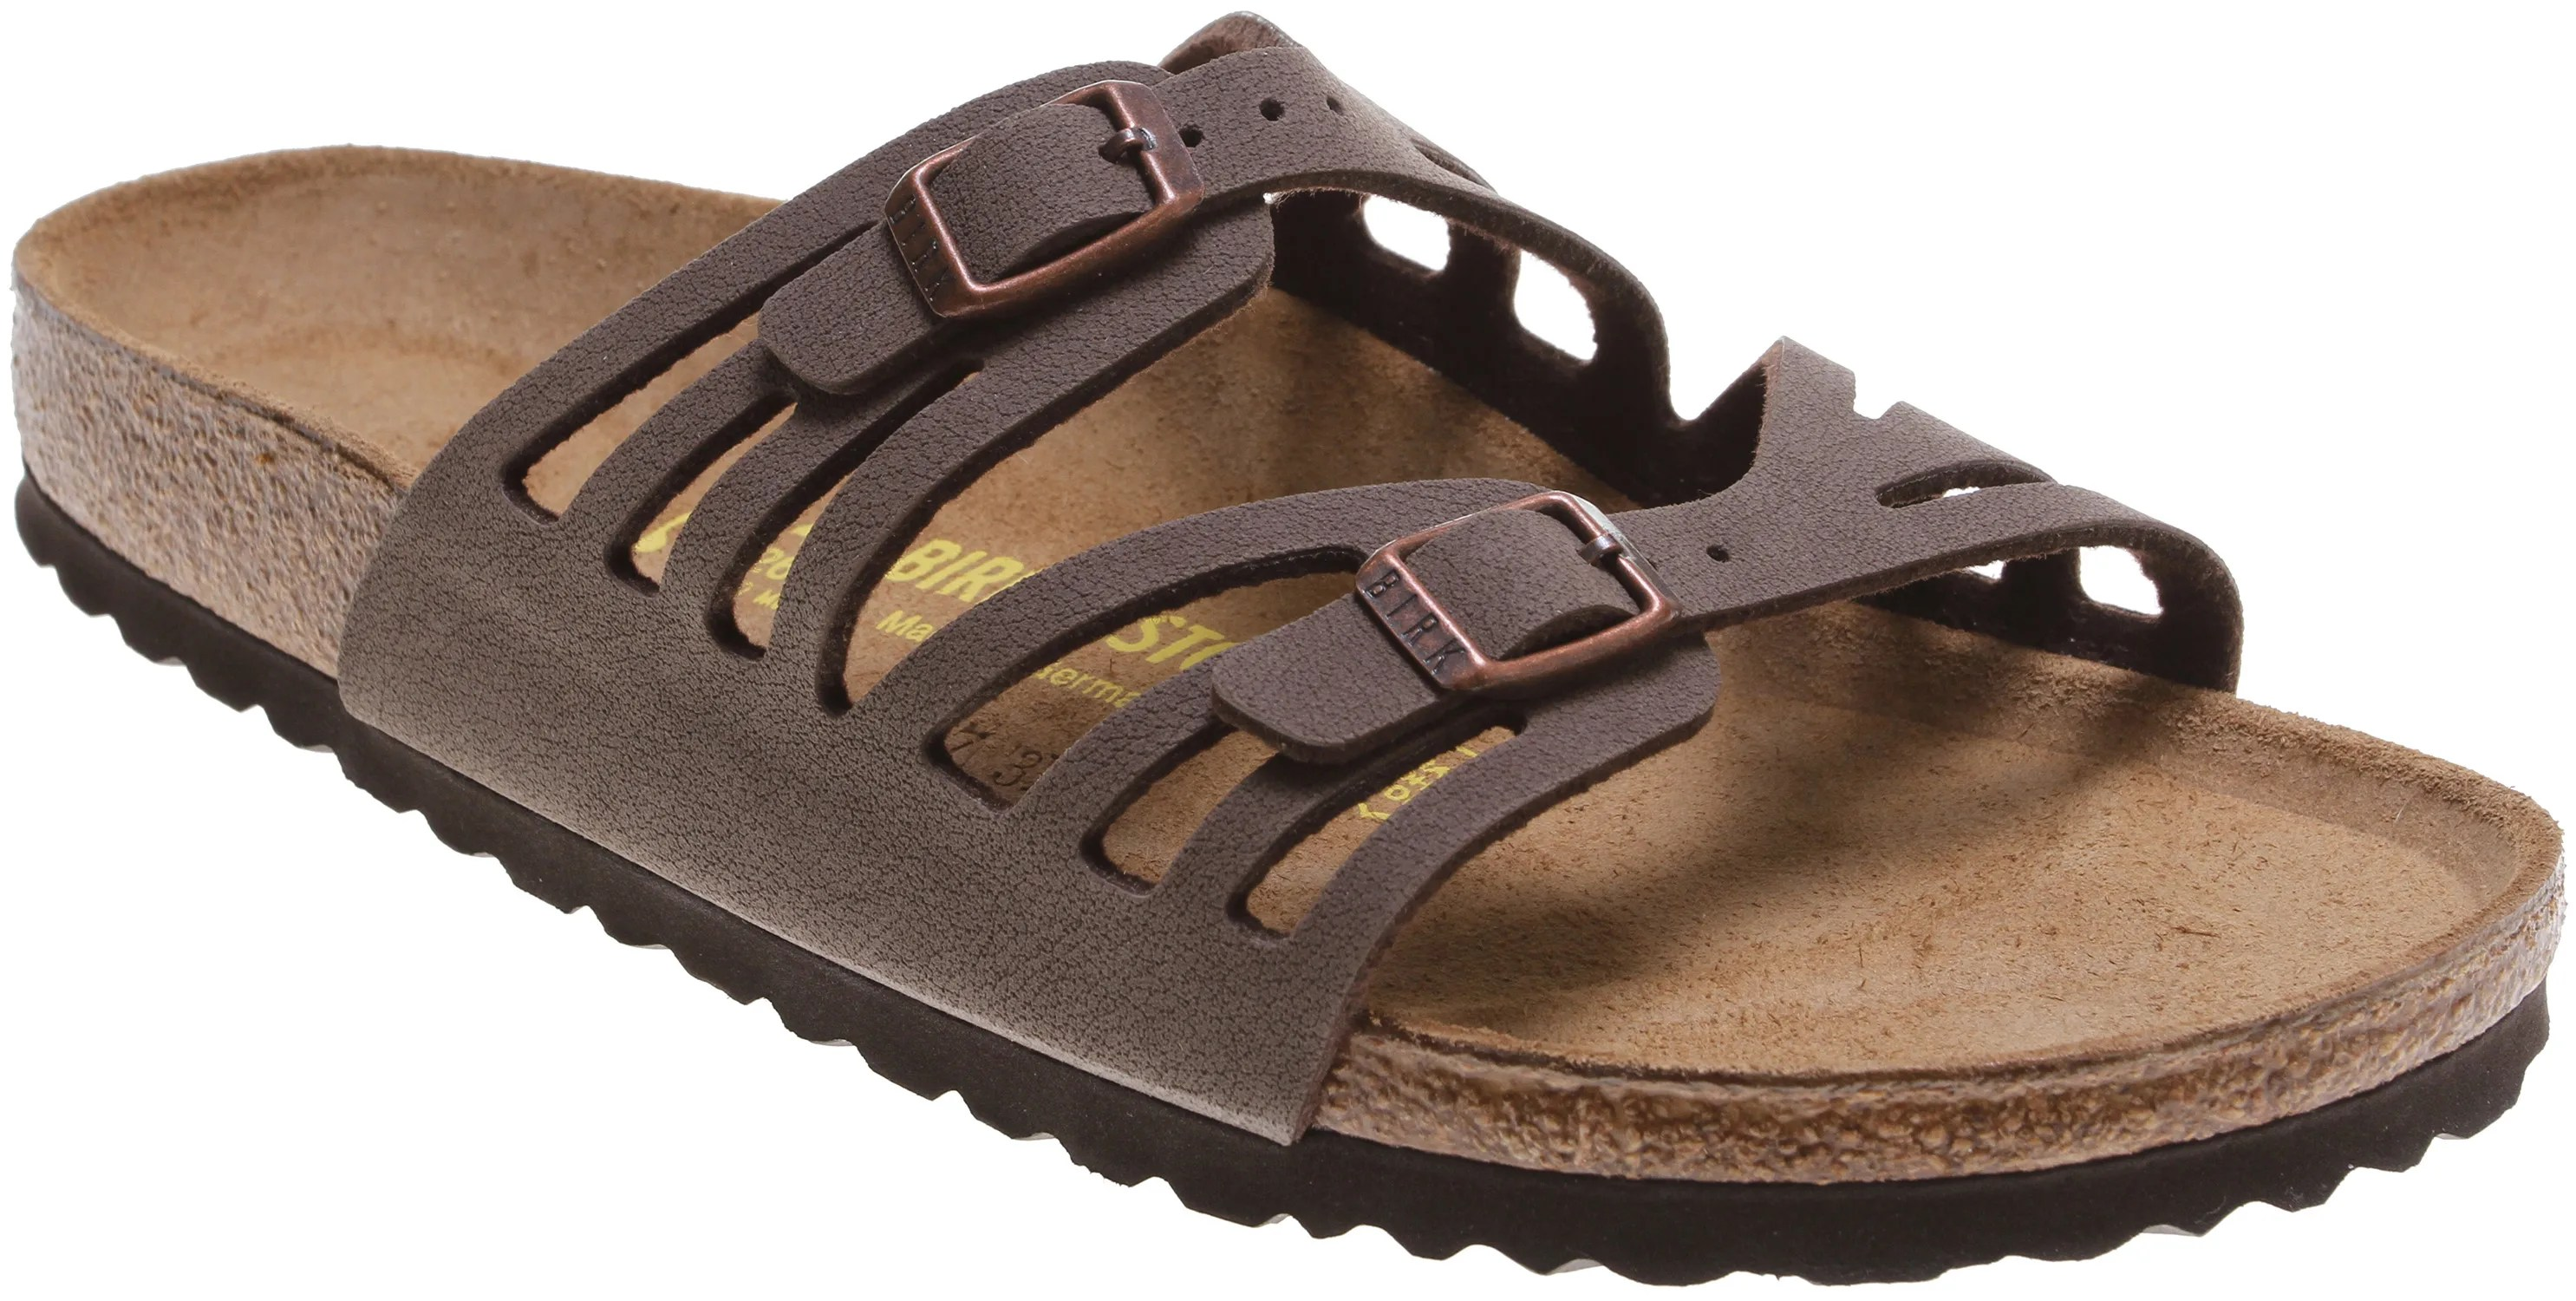 Keen Water Sandals